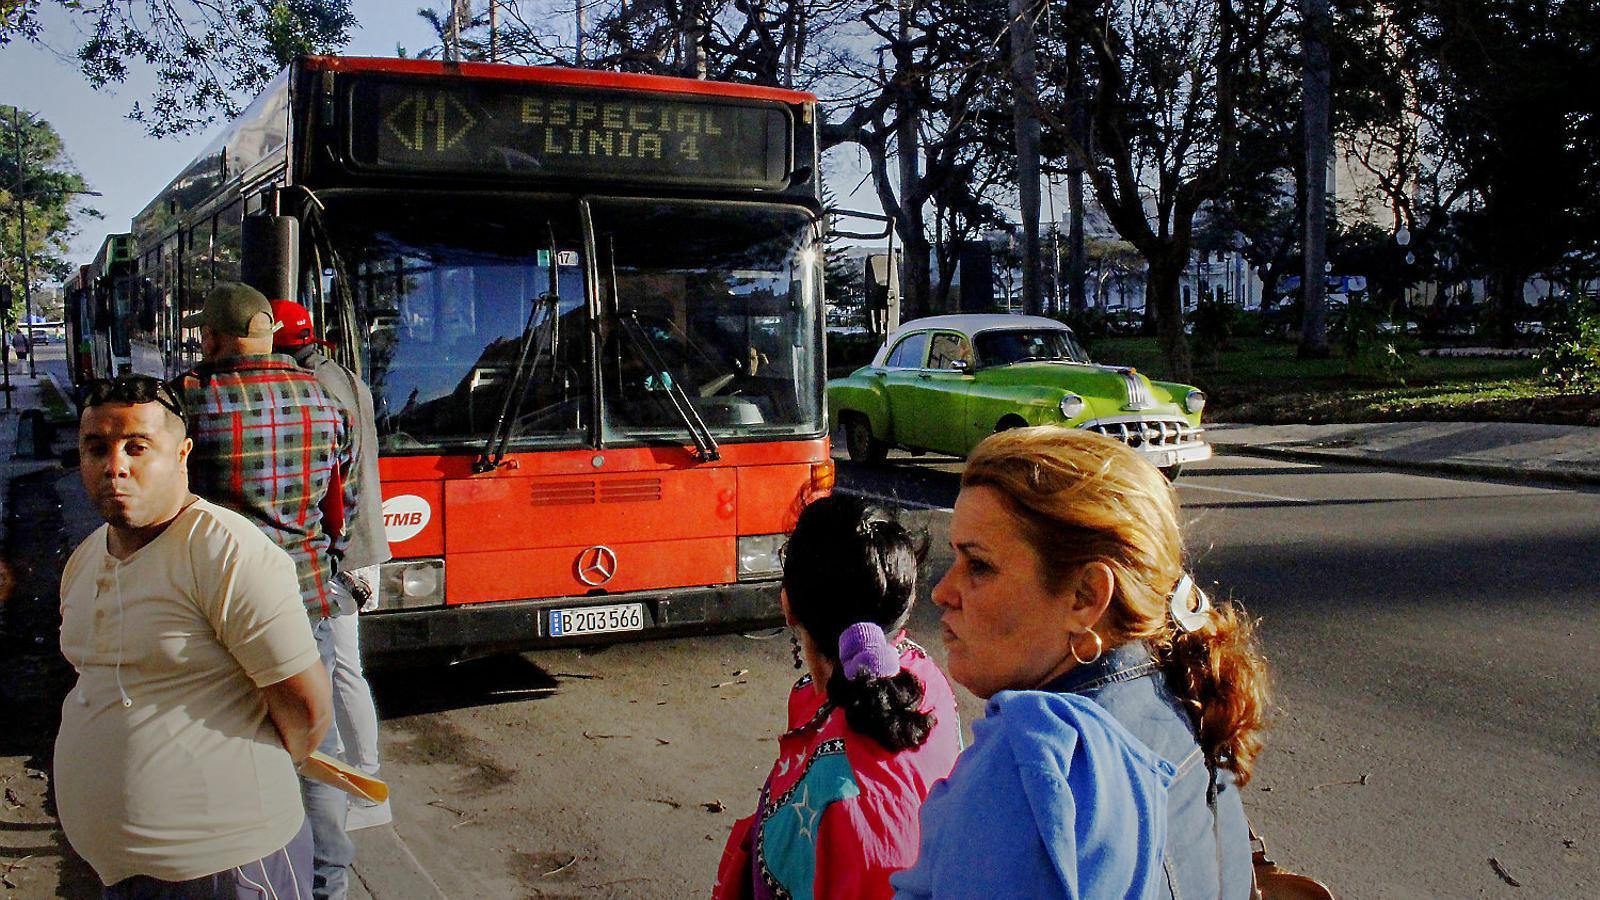 Un autobús de Barcelona circulant per un carrer de l'Havana.